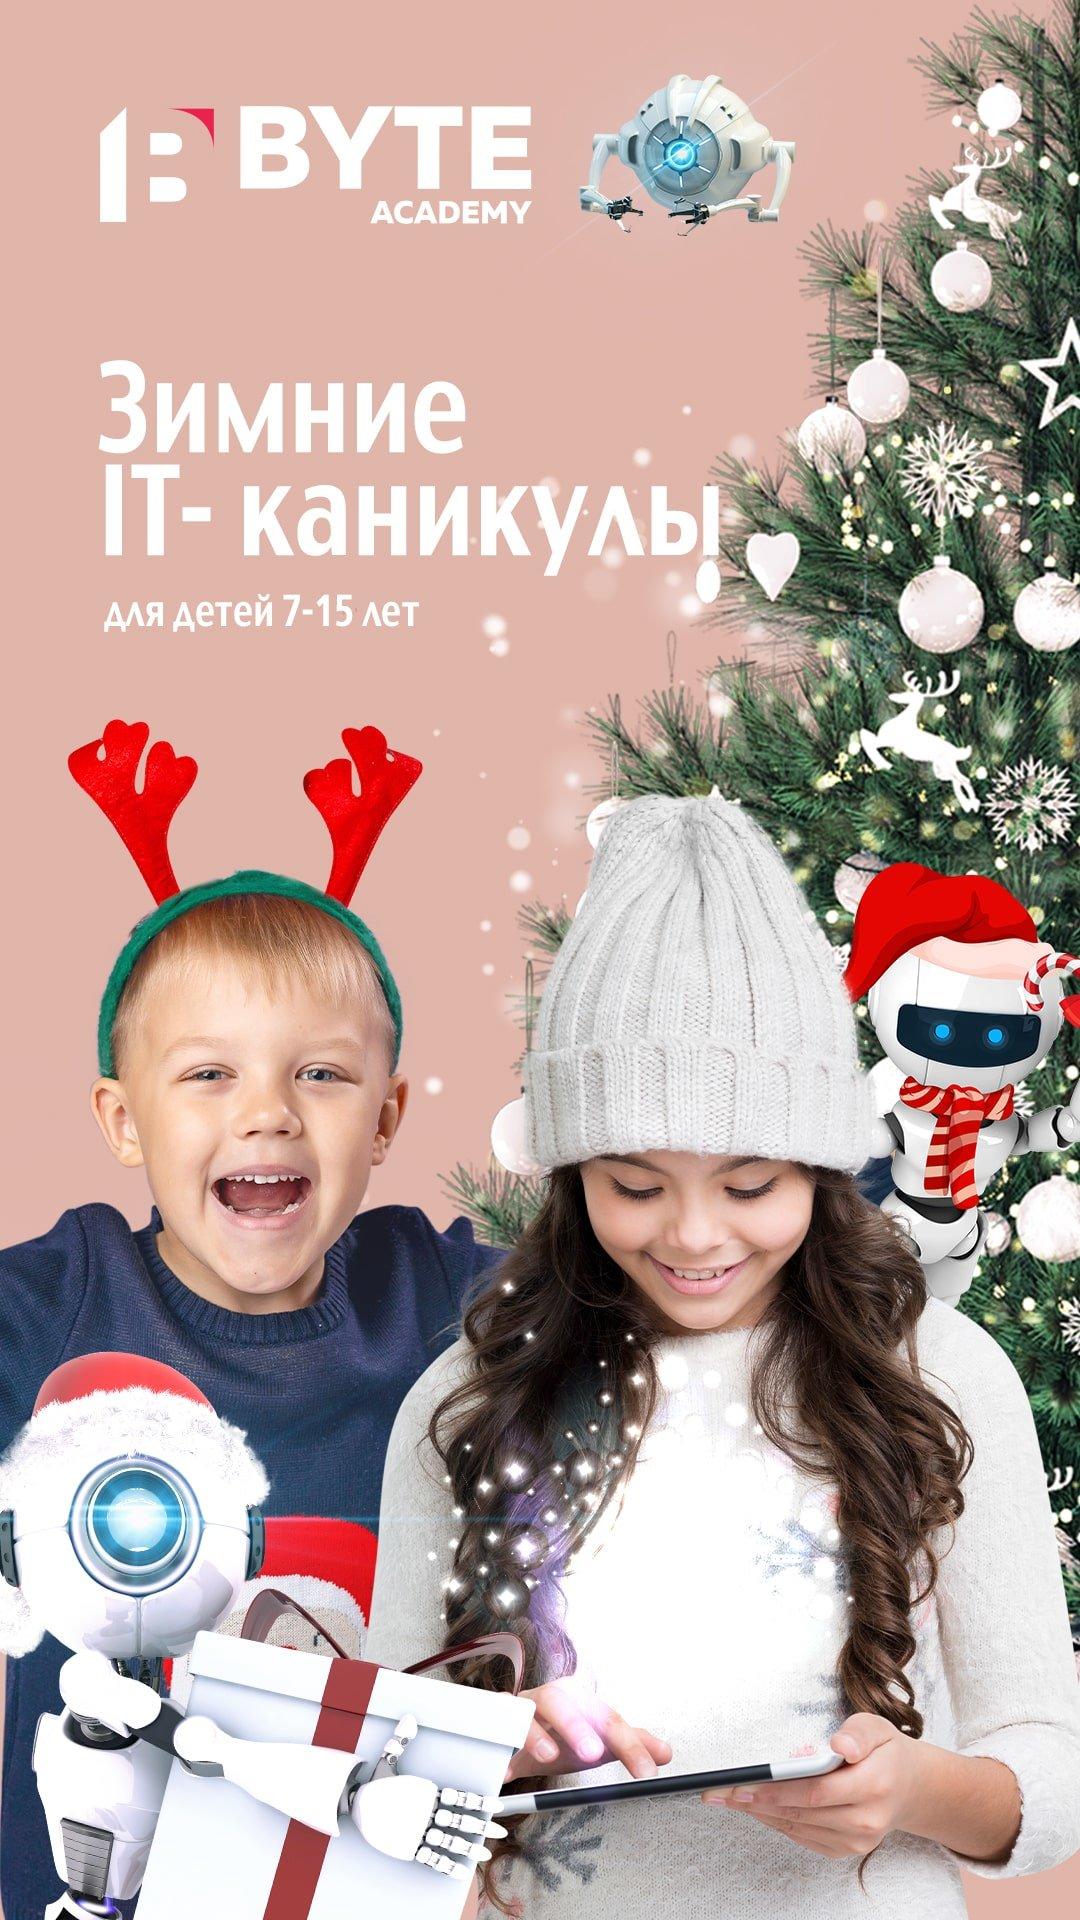 Как подарить эмоции и восторг детям в новогодние праздники?, фото-1